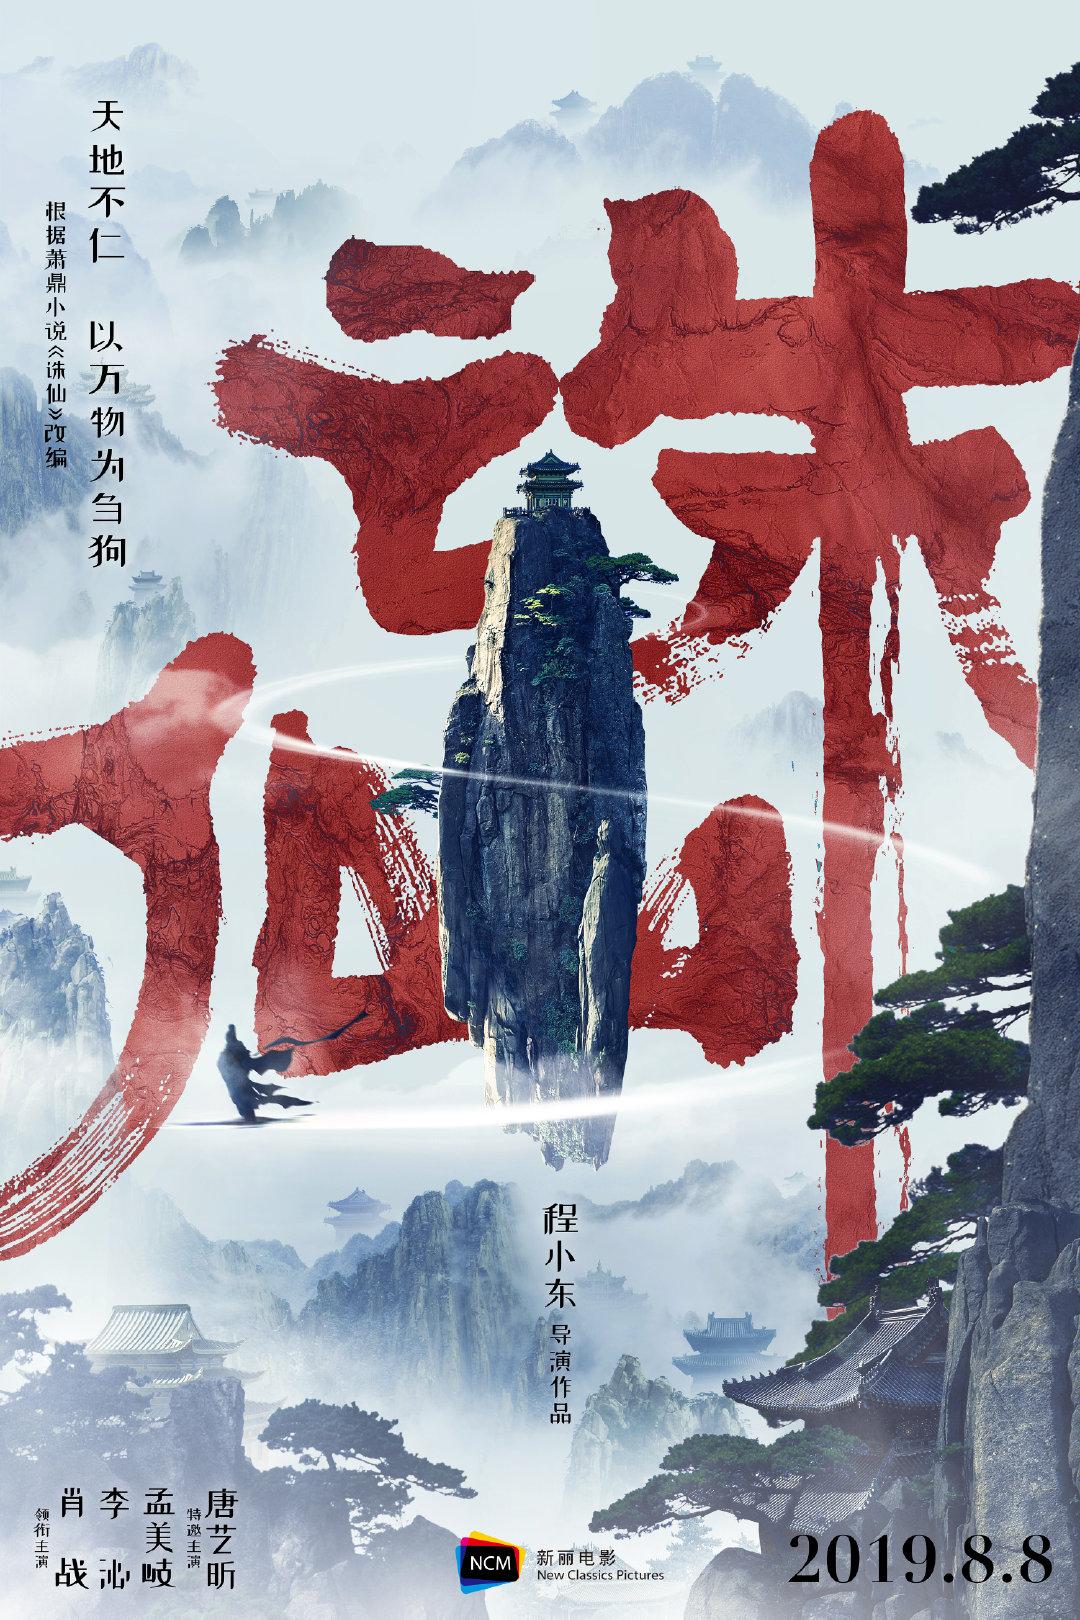 电影版《诛仙》来了,李沁造型绝美,完胜剧版杨紫?